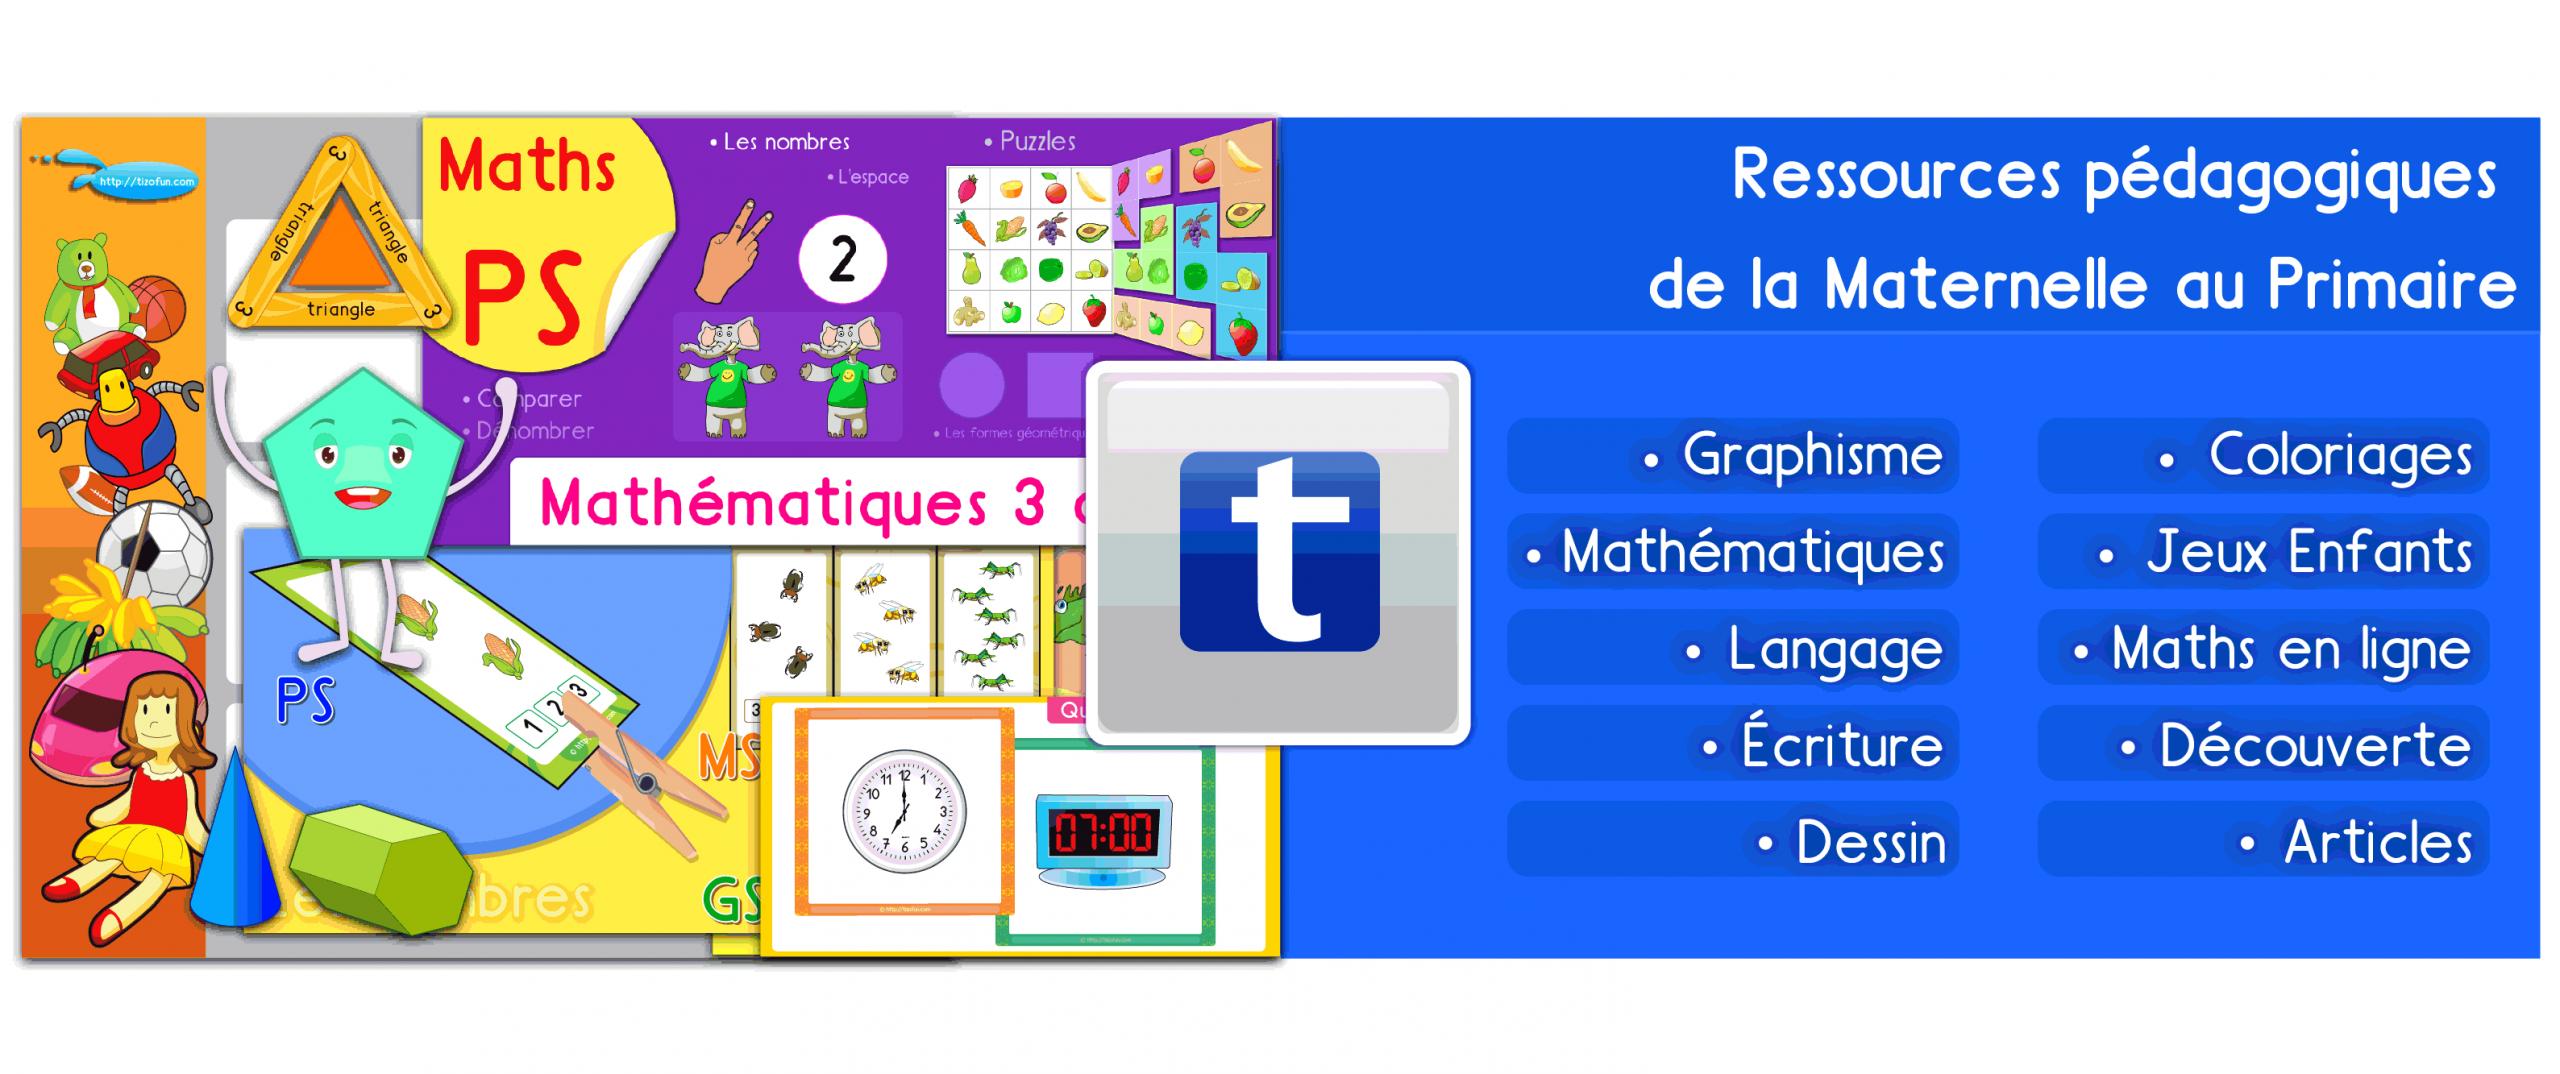 Soutien Scolaire Site Éducatif Pour La Formation Des Enfants intérieur Jeux Grande Section Maternelle Gratuit En Ligne